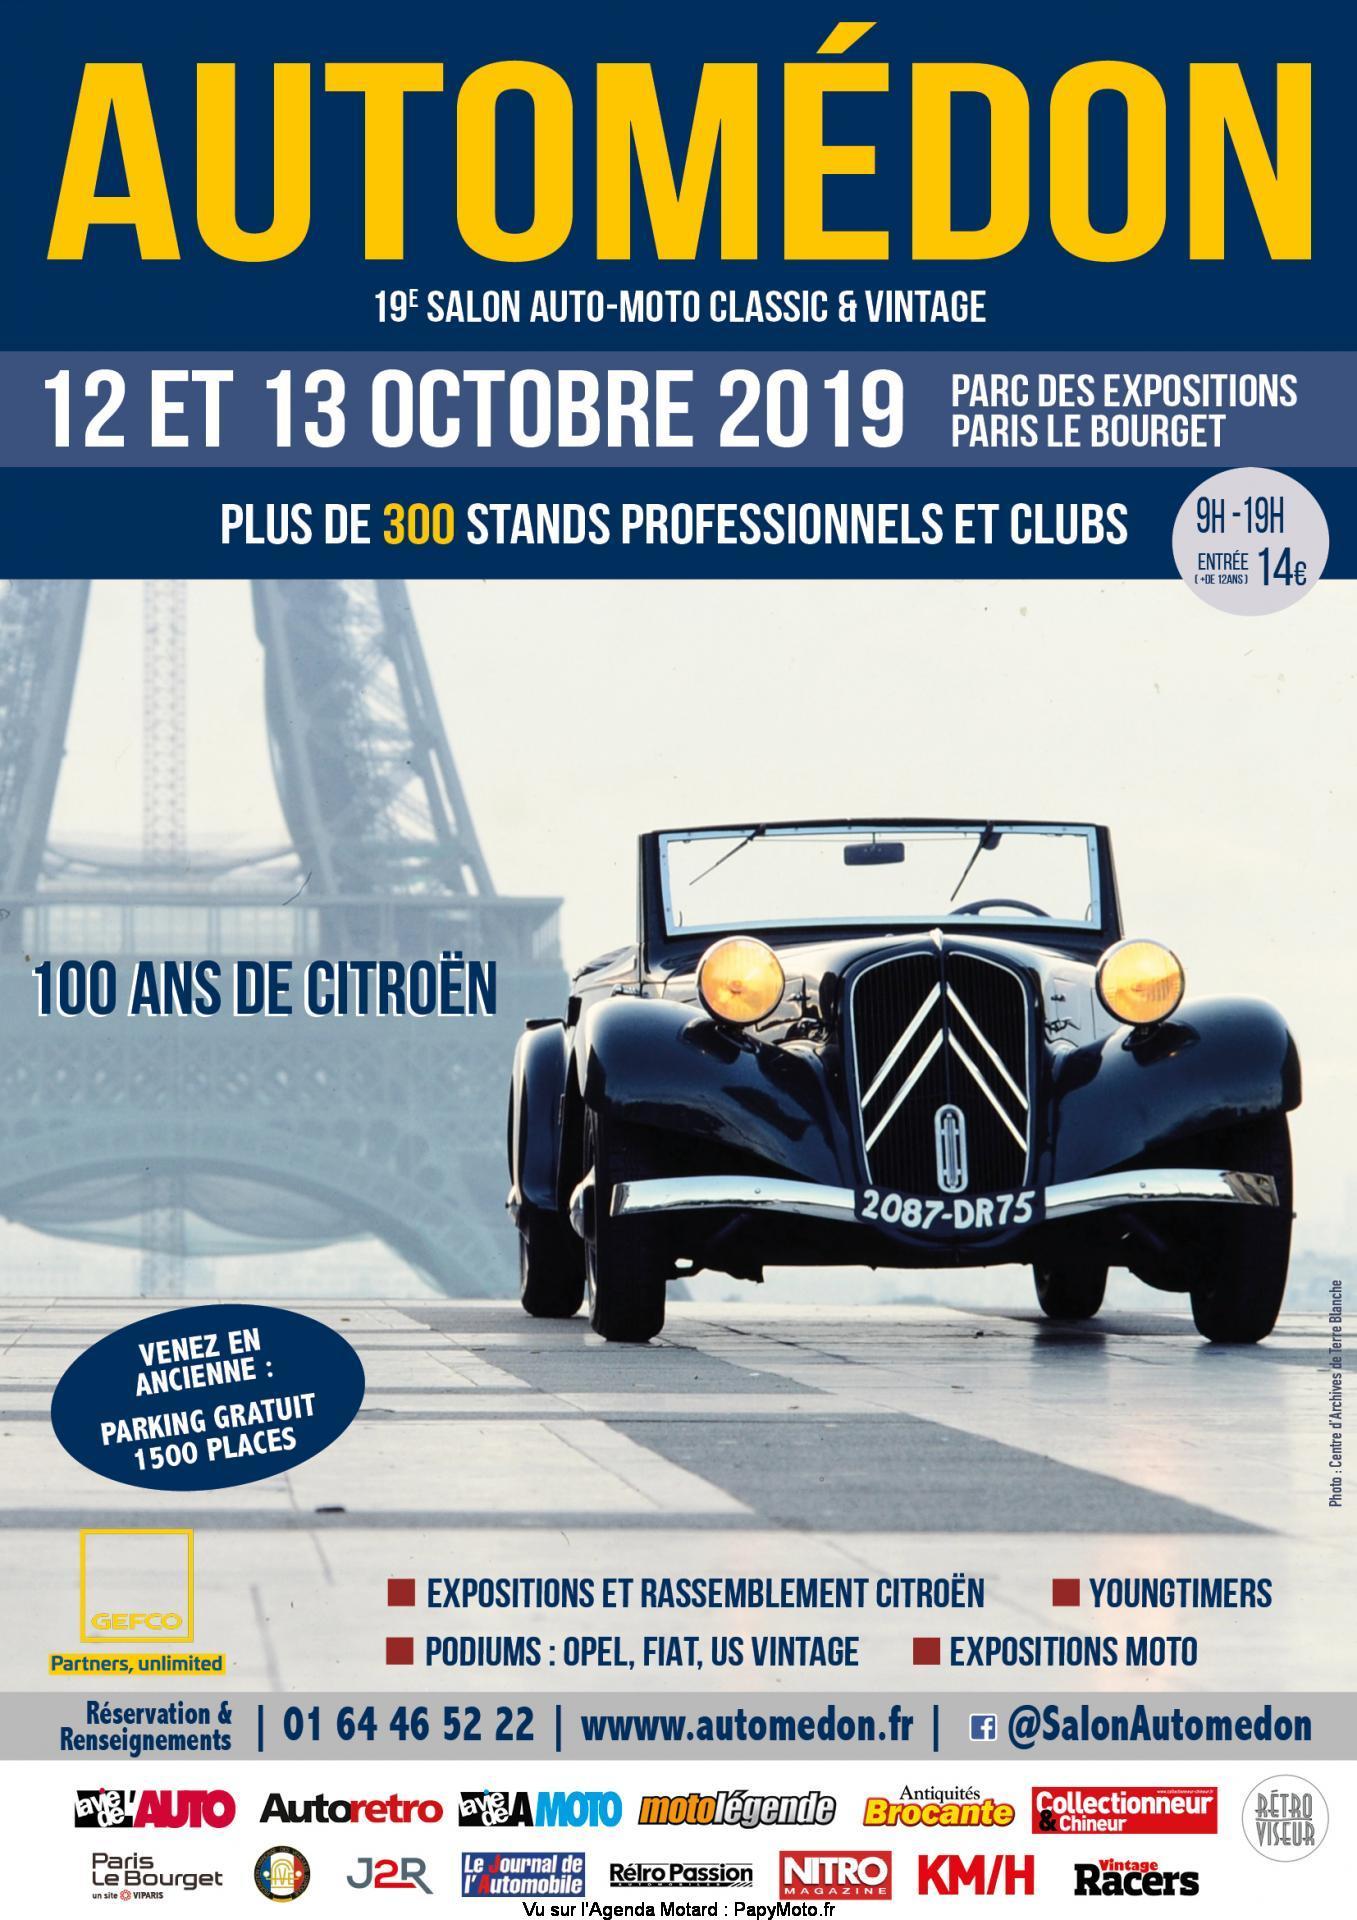 Automédon – Paris le Bourget (93)